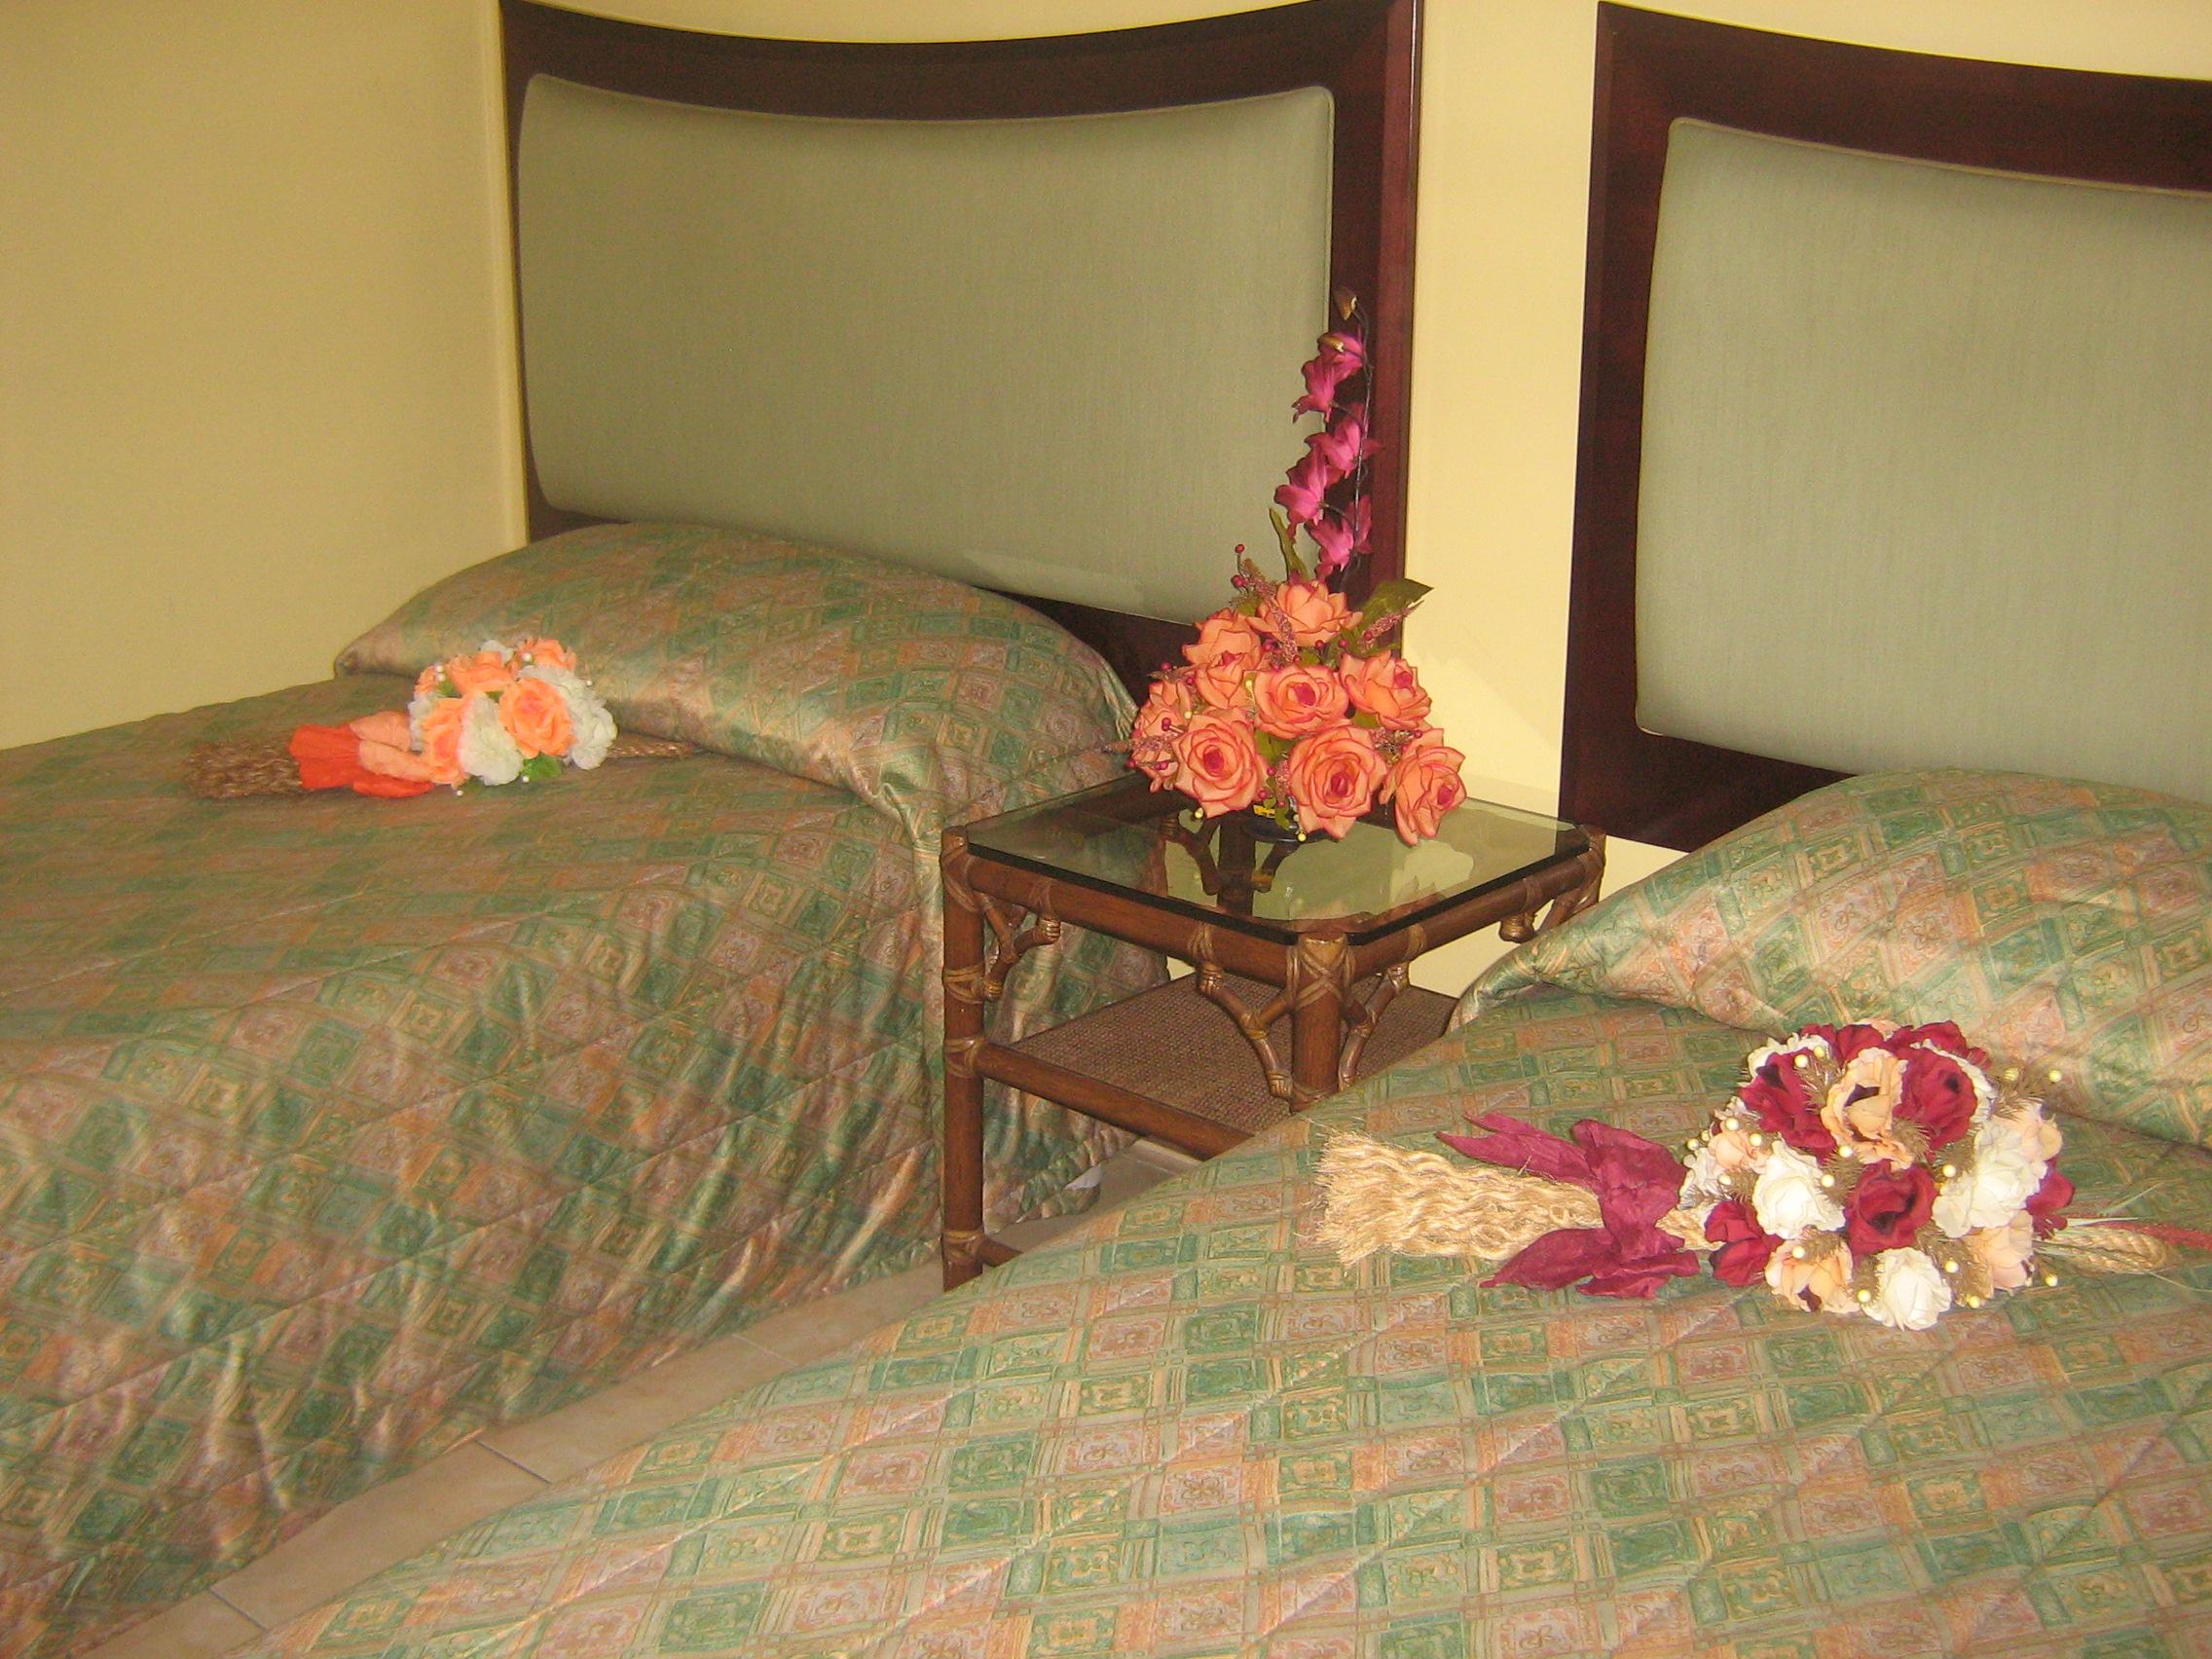 丹马利玛撒哈拉酒店